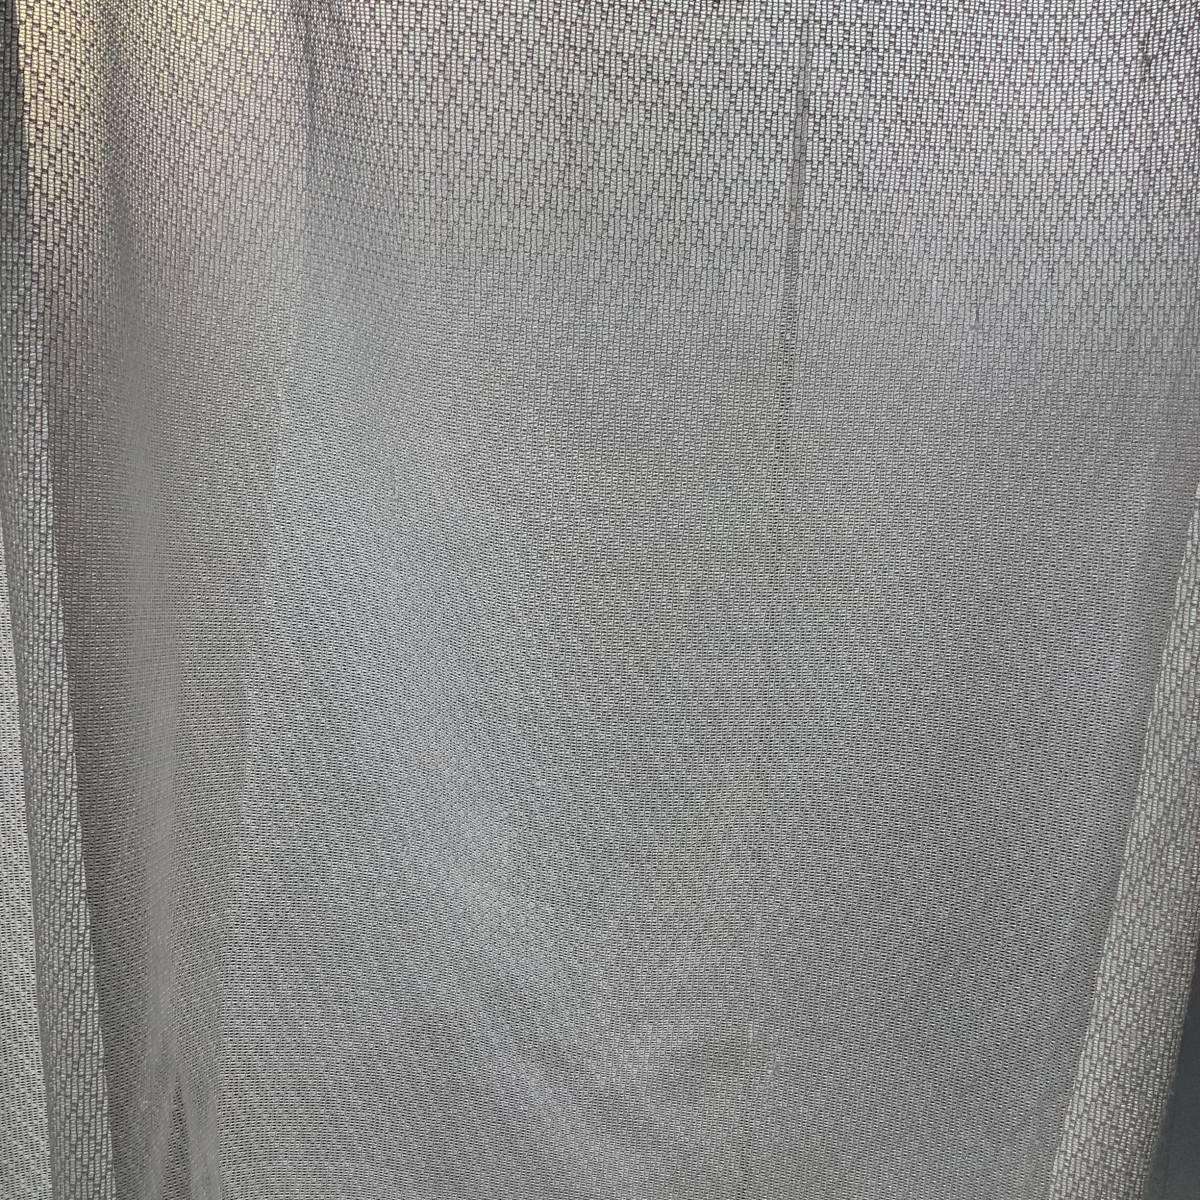 レースカーテン2枚組 送料込み_画像2